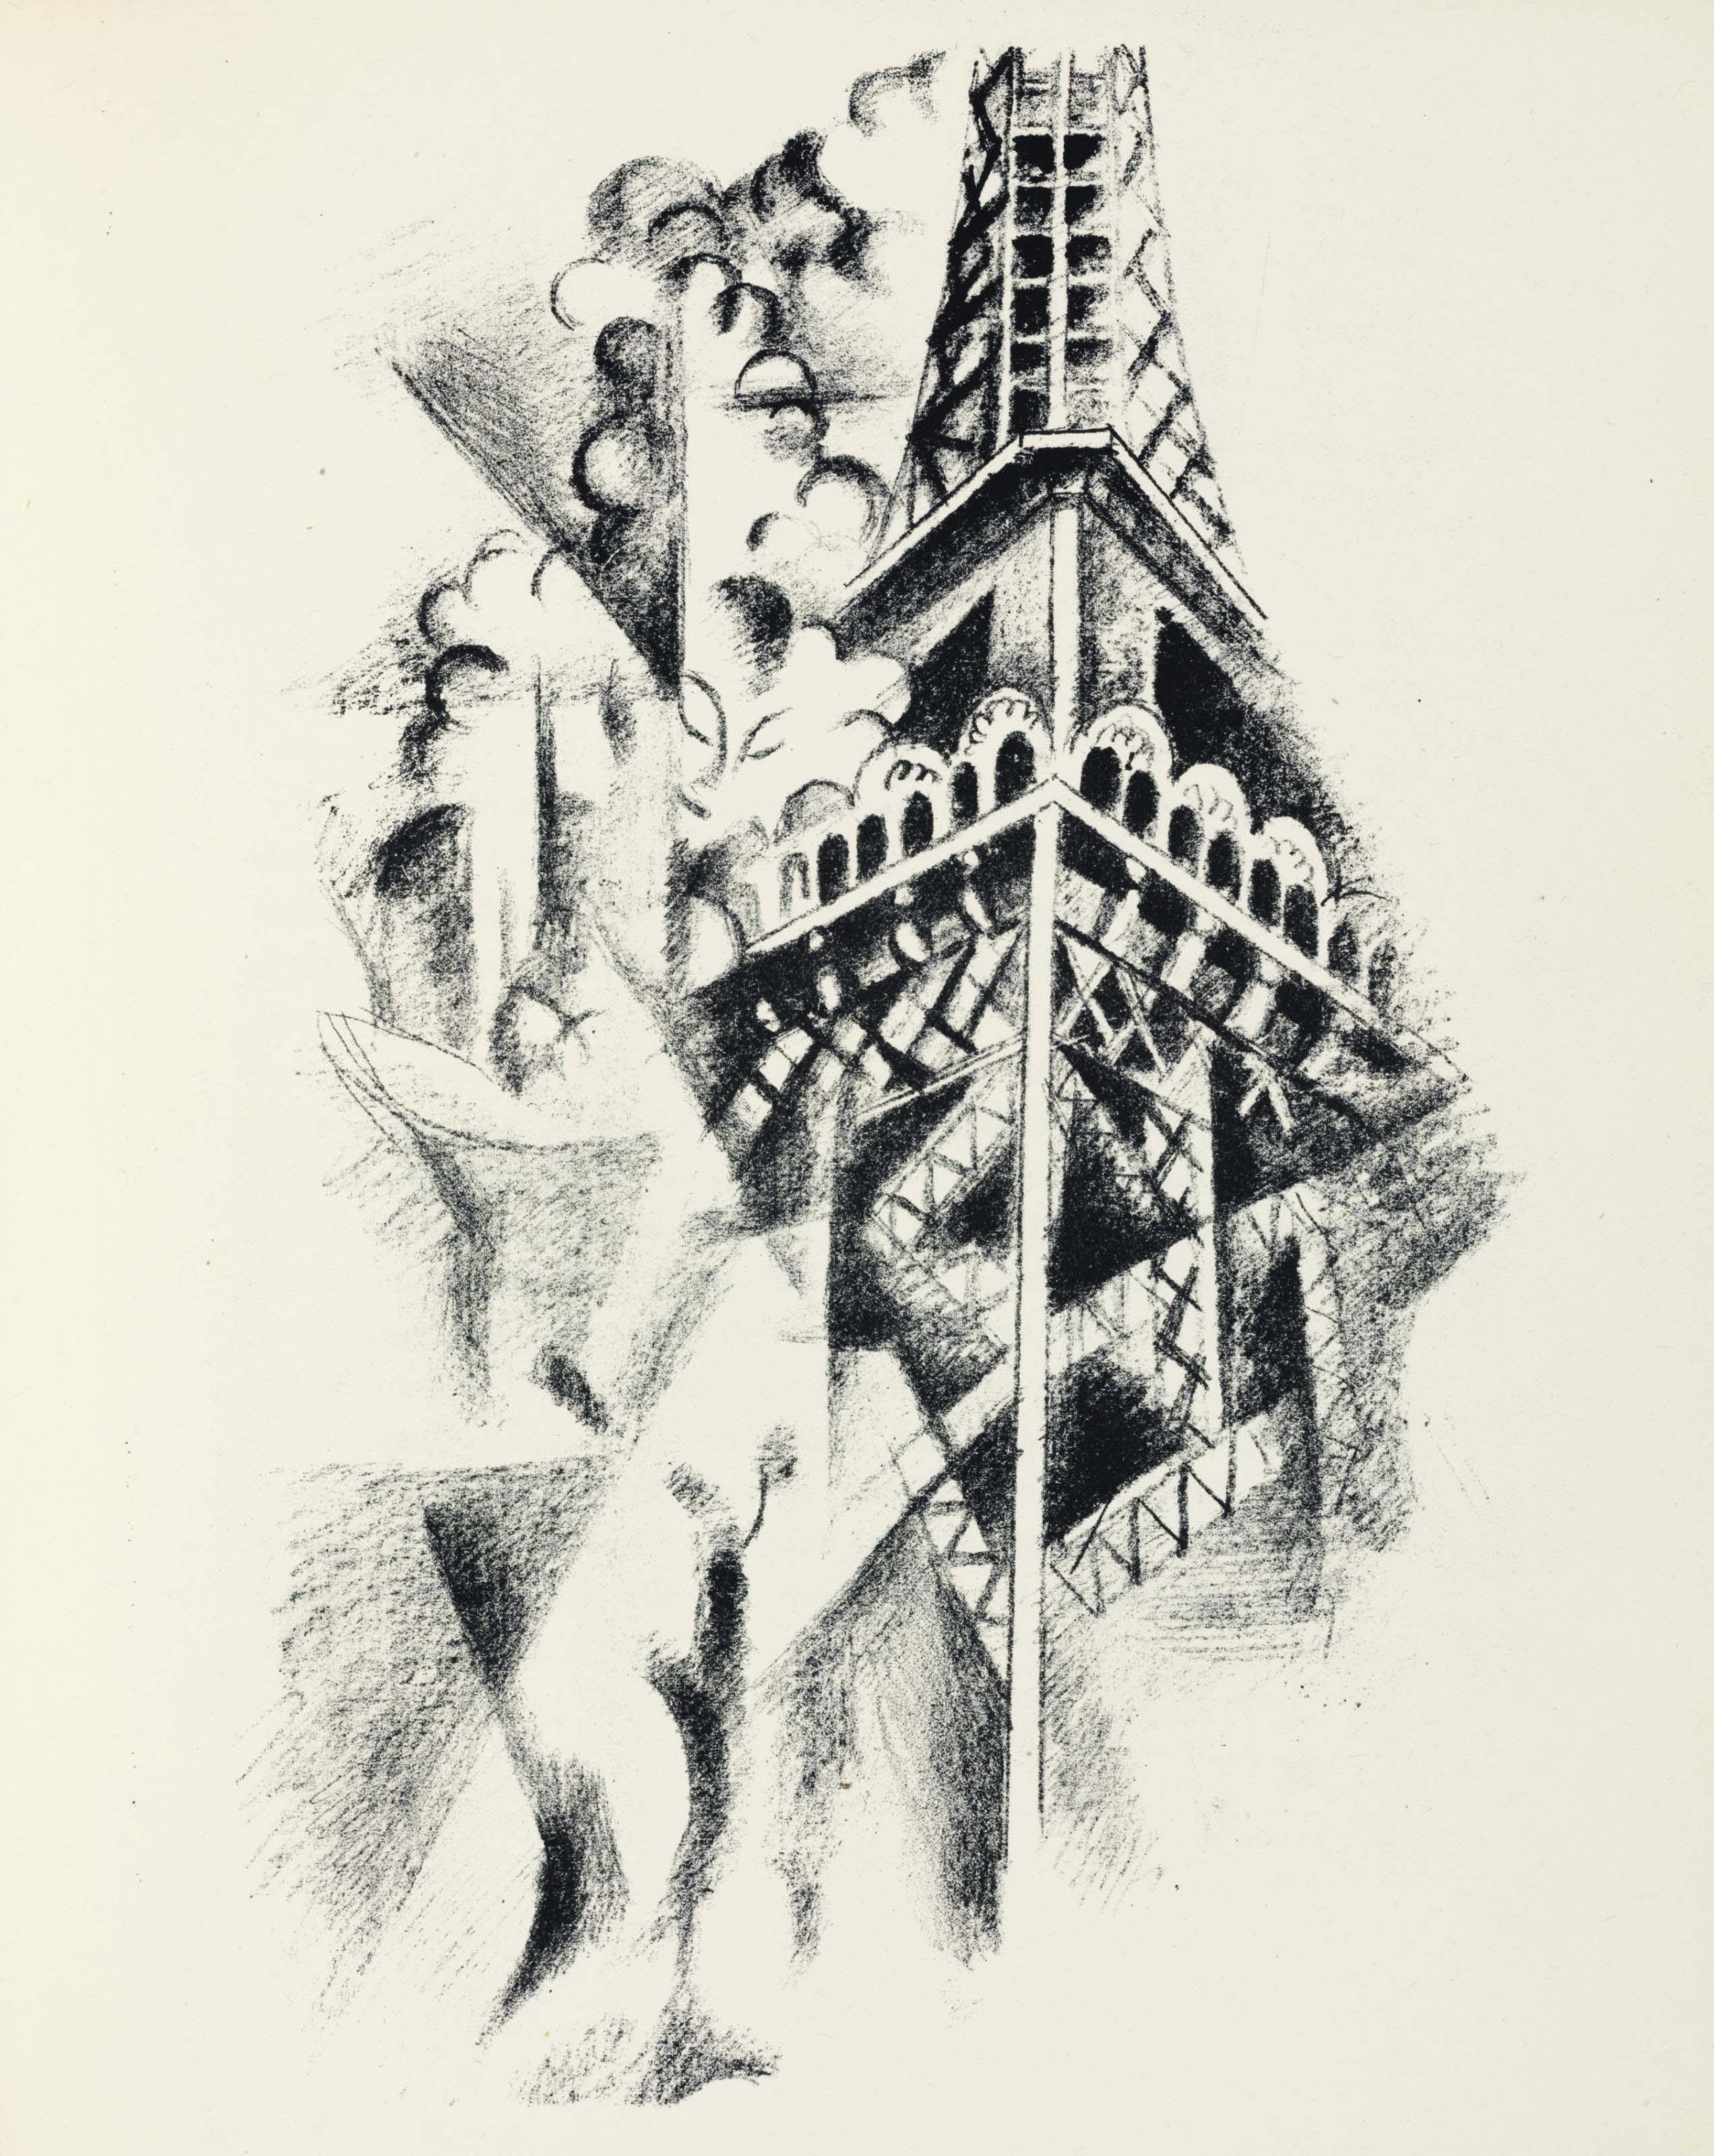 DELAUNAY, Robert (1885-1941) a